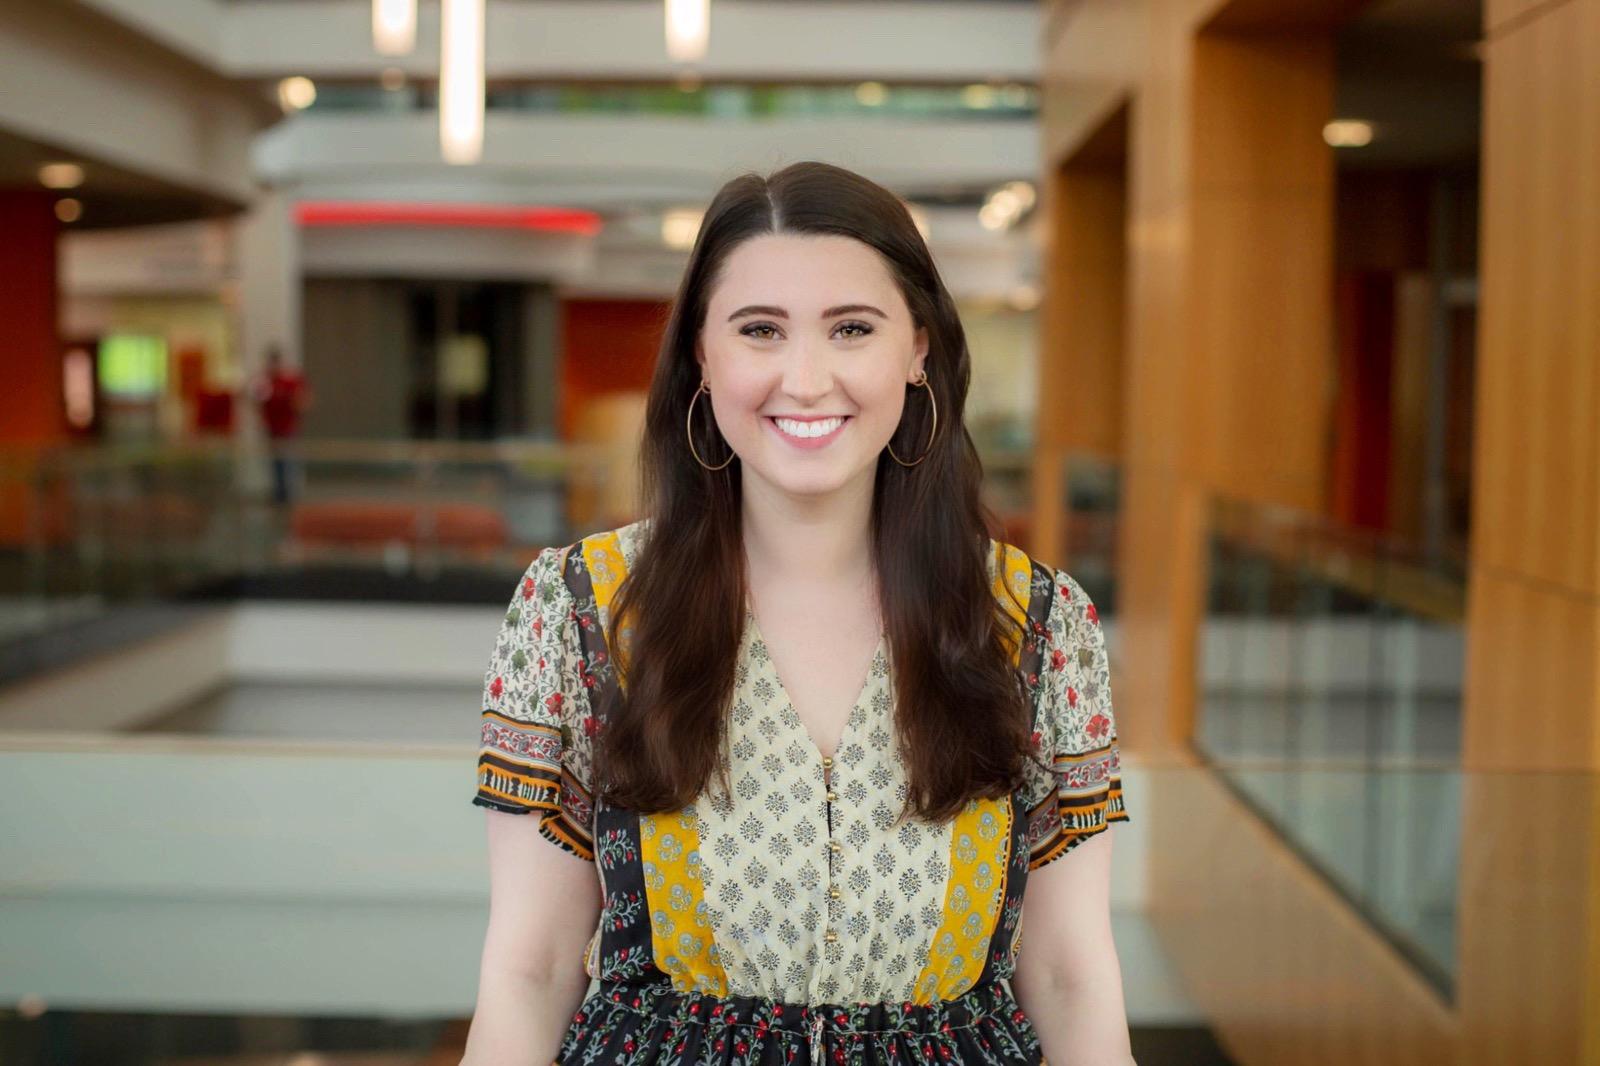 Allie Kleinman